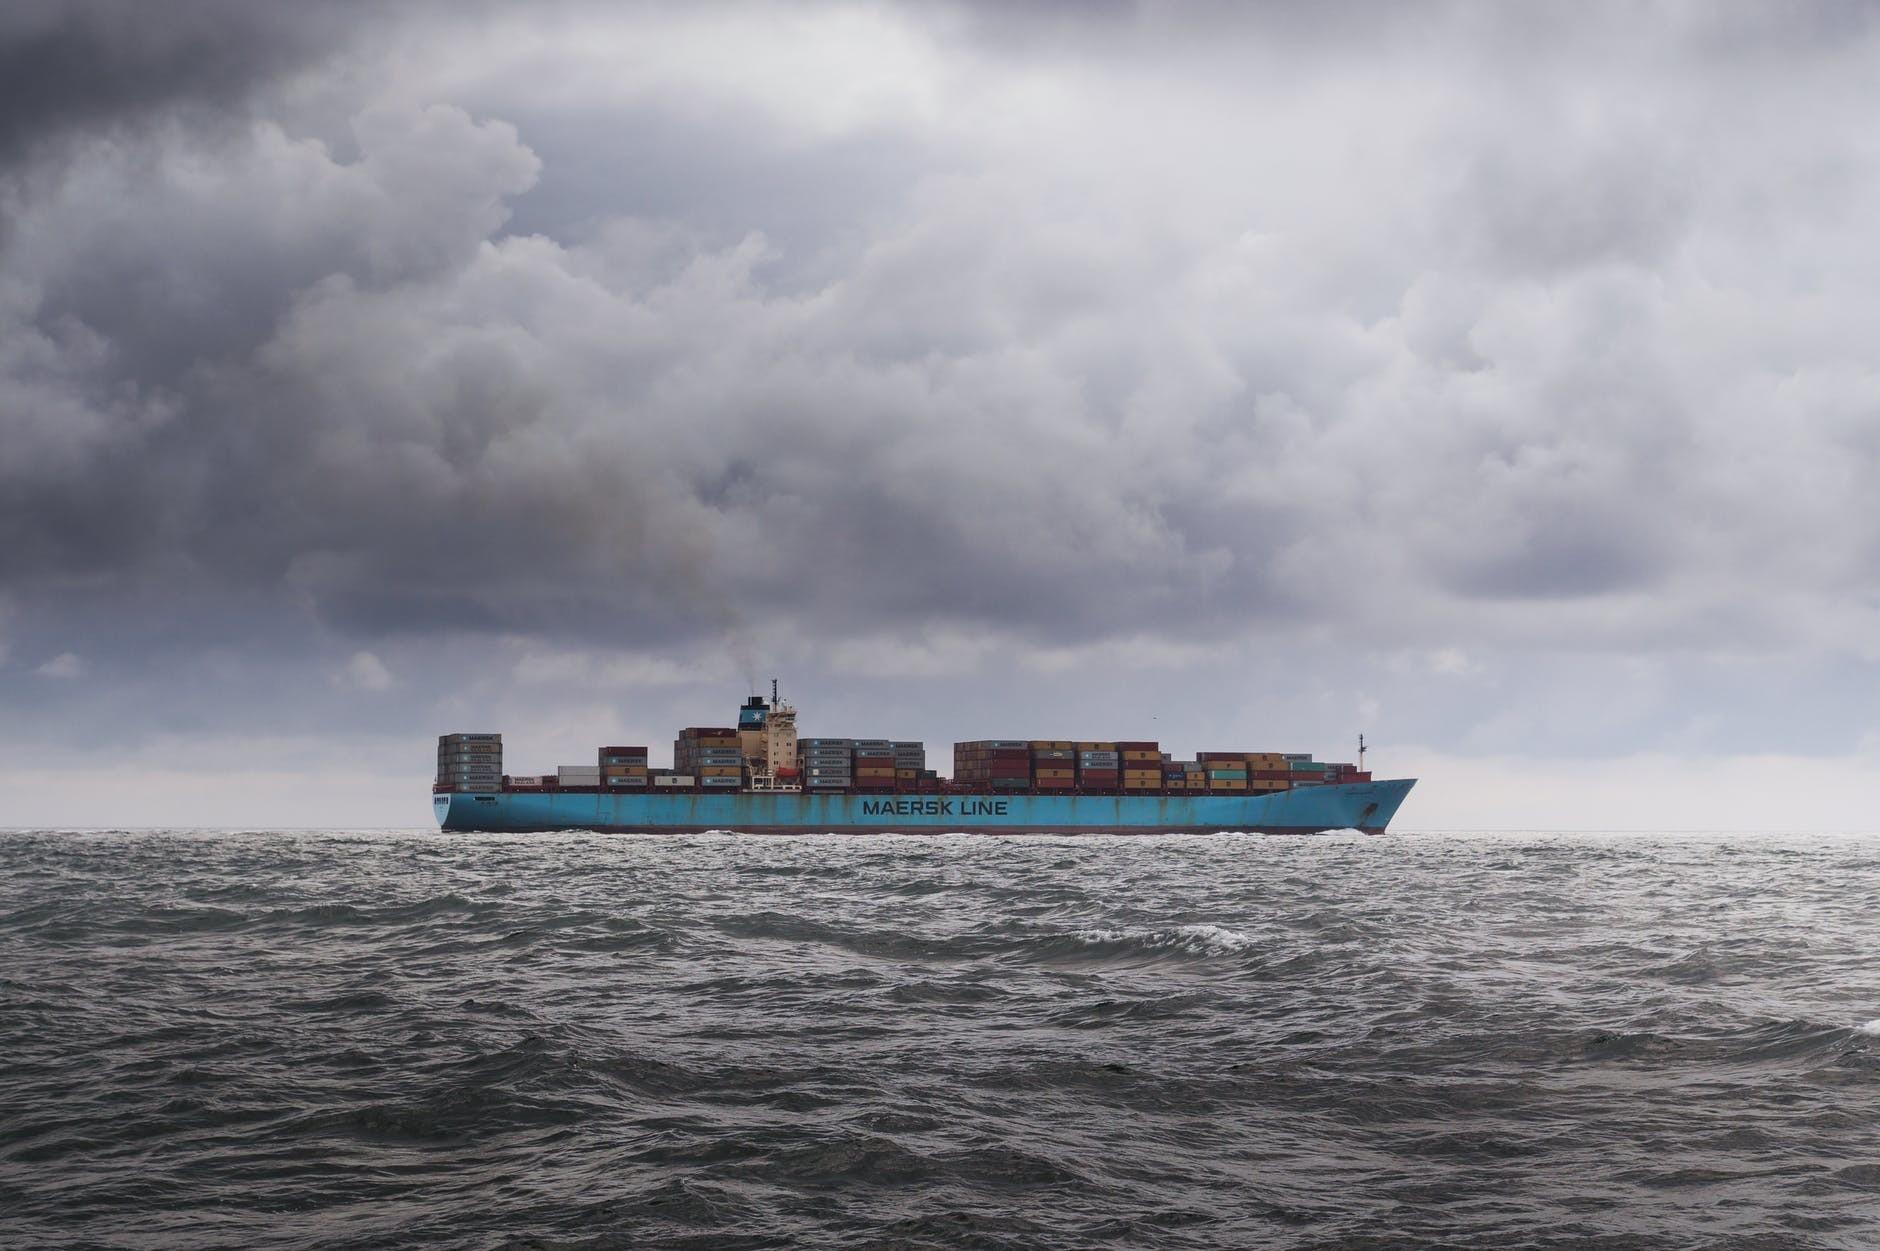 万海航运继续收购集装箱船